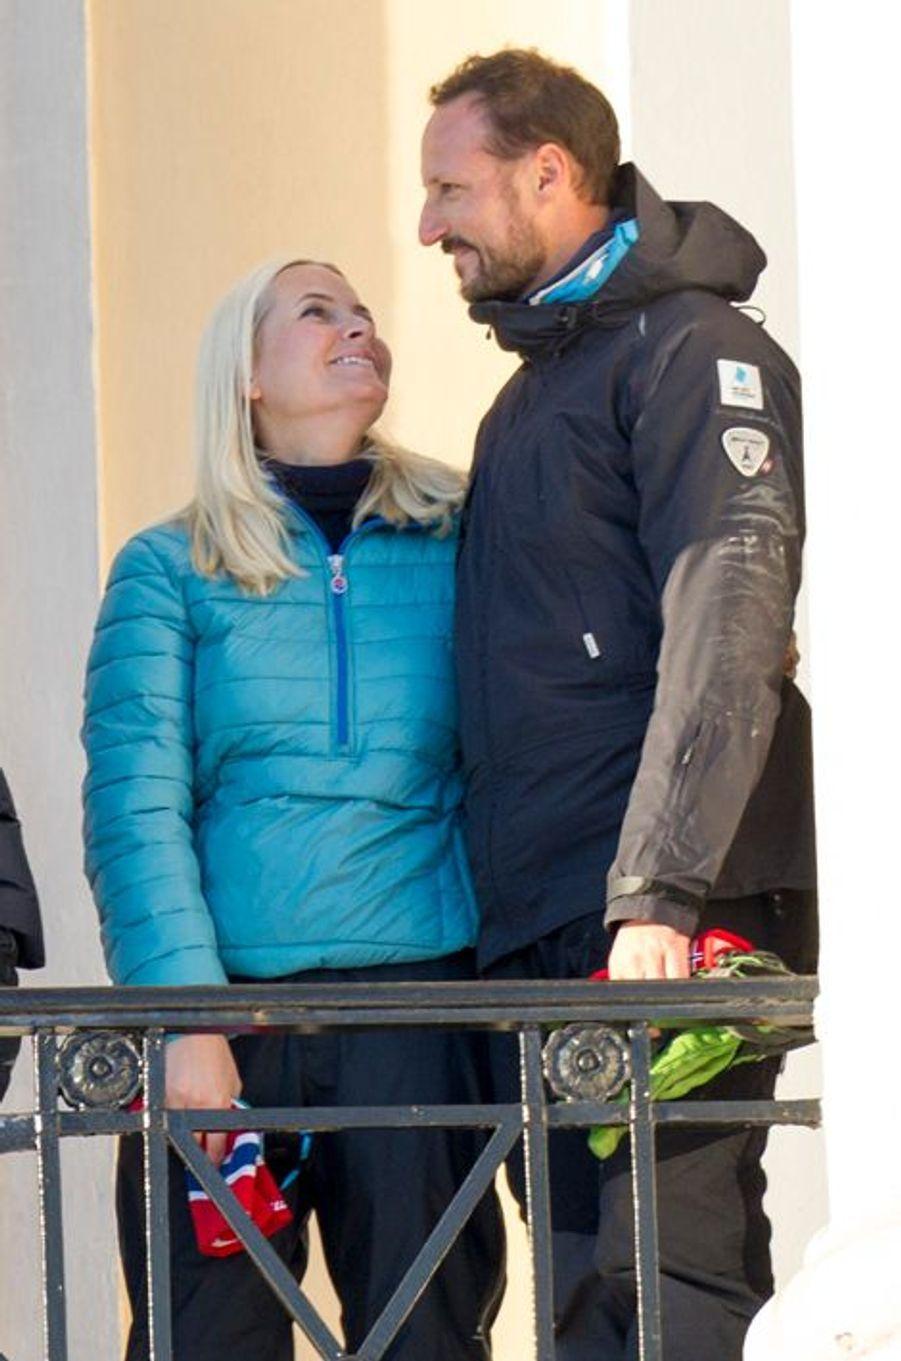 La princesse Mette-Marit et le prince Haakon de Norvège à Oslo, le 17 janvier 2016